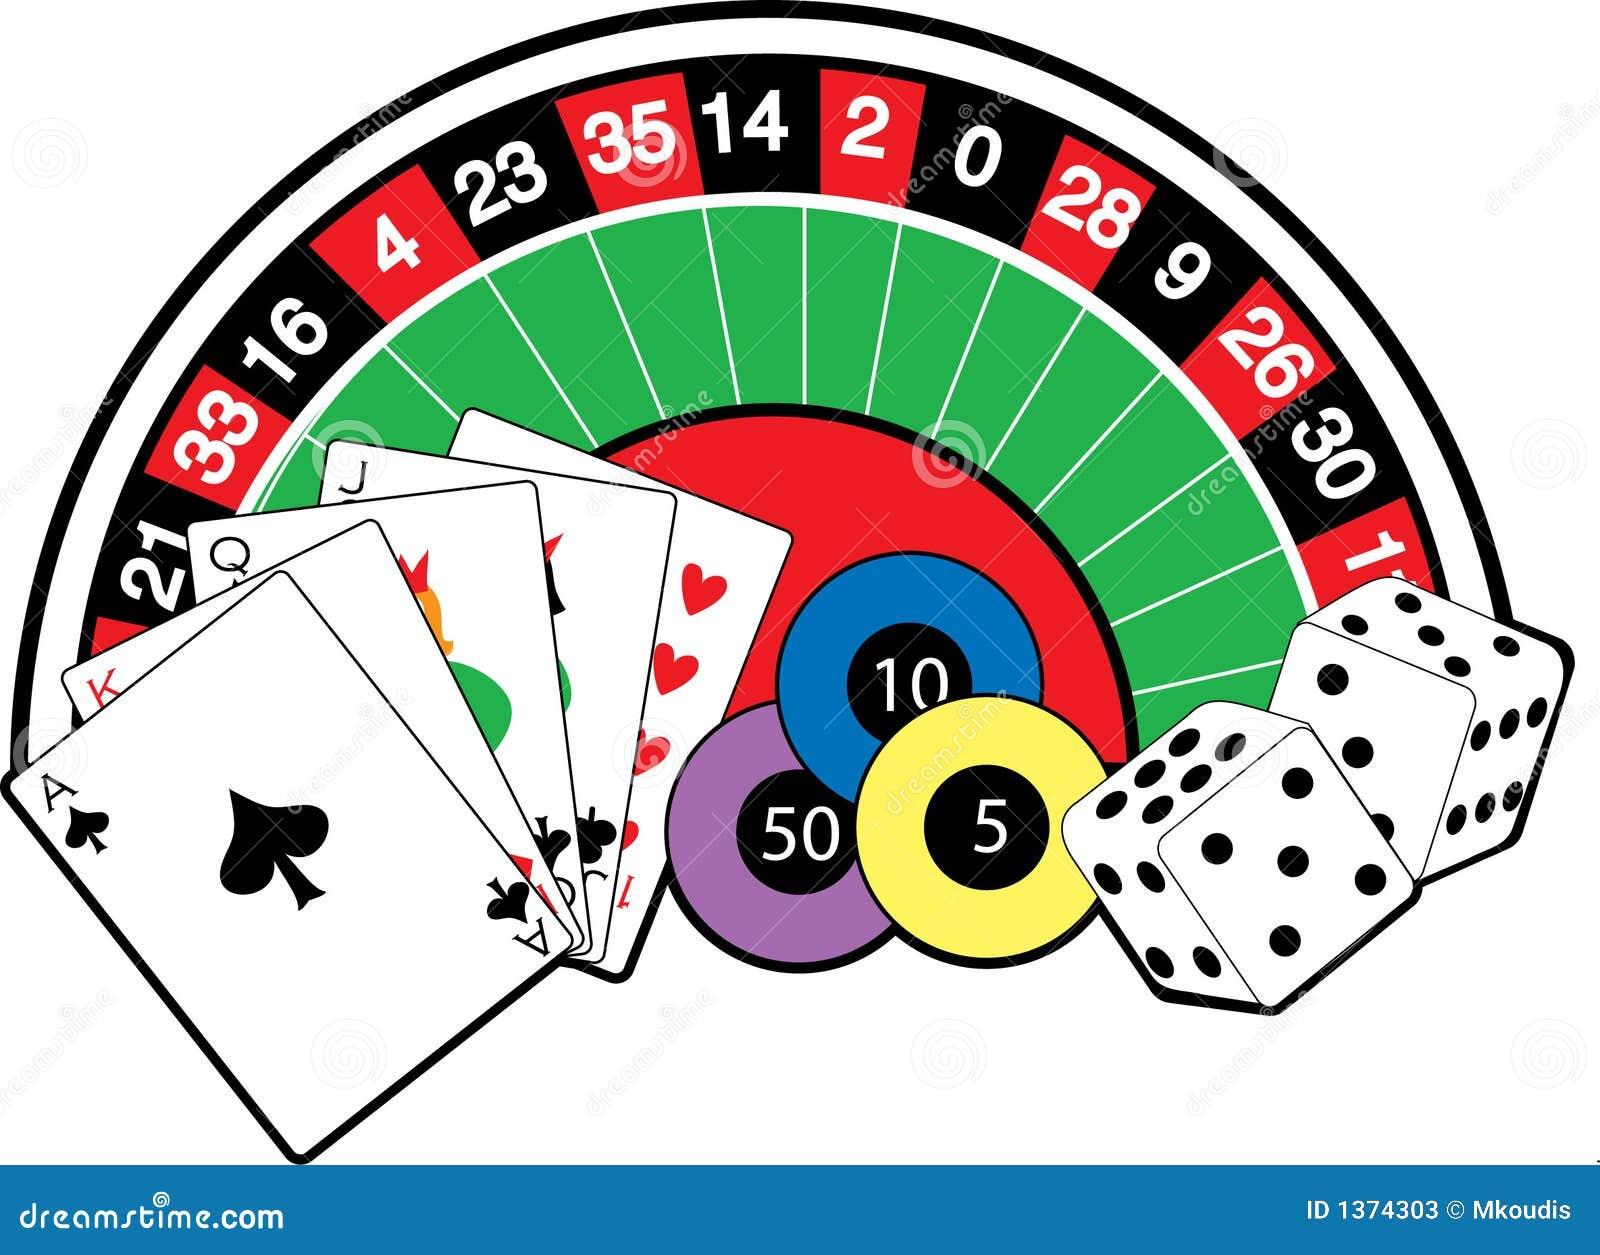 rent casino royale online spielen ko